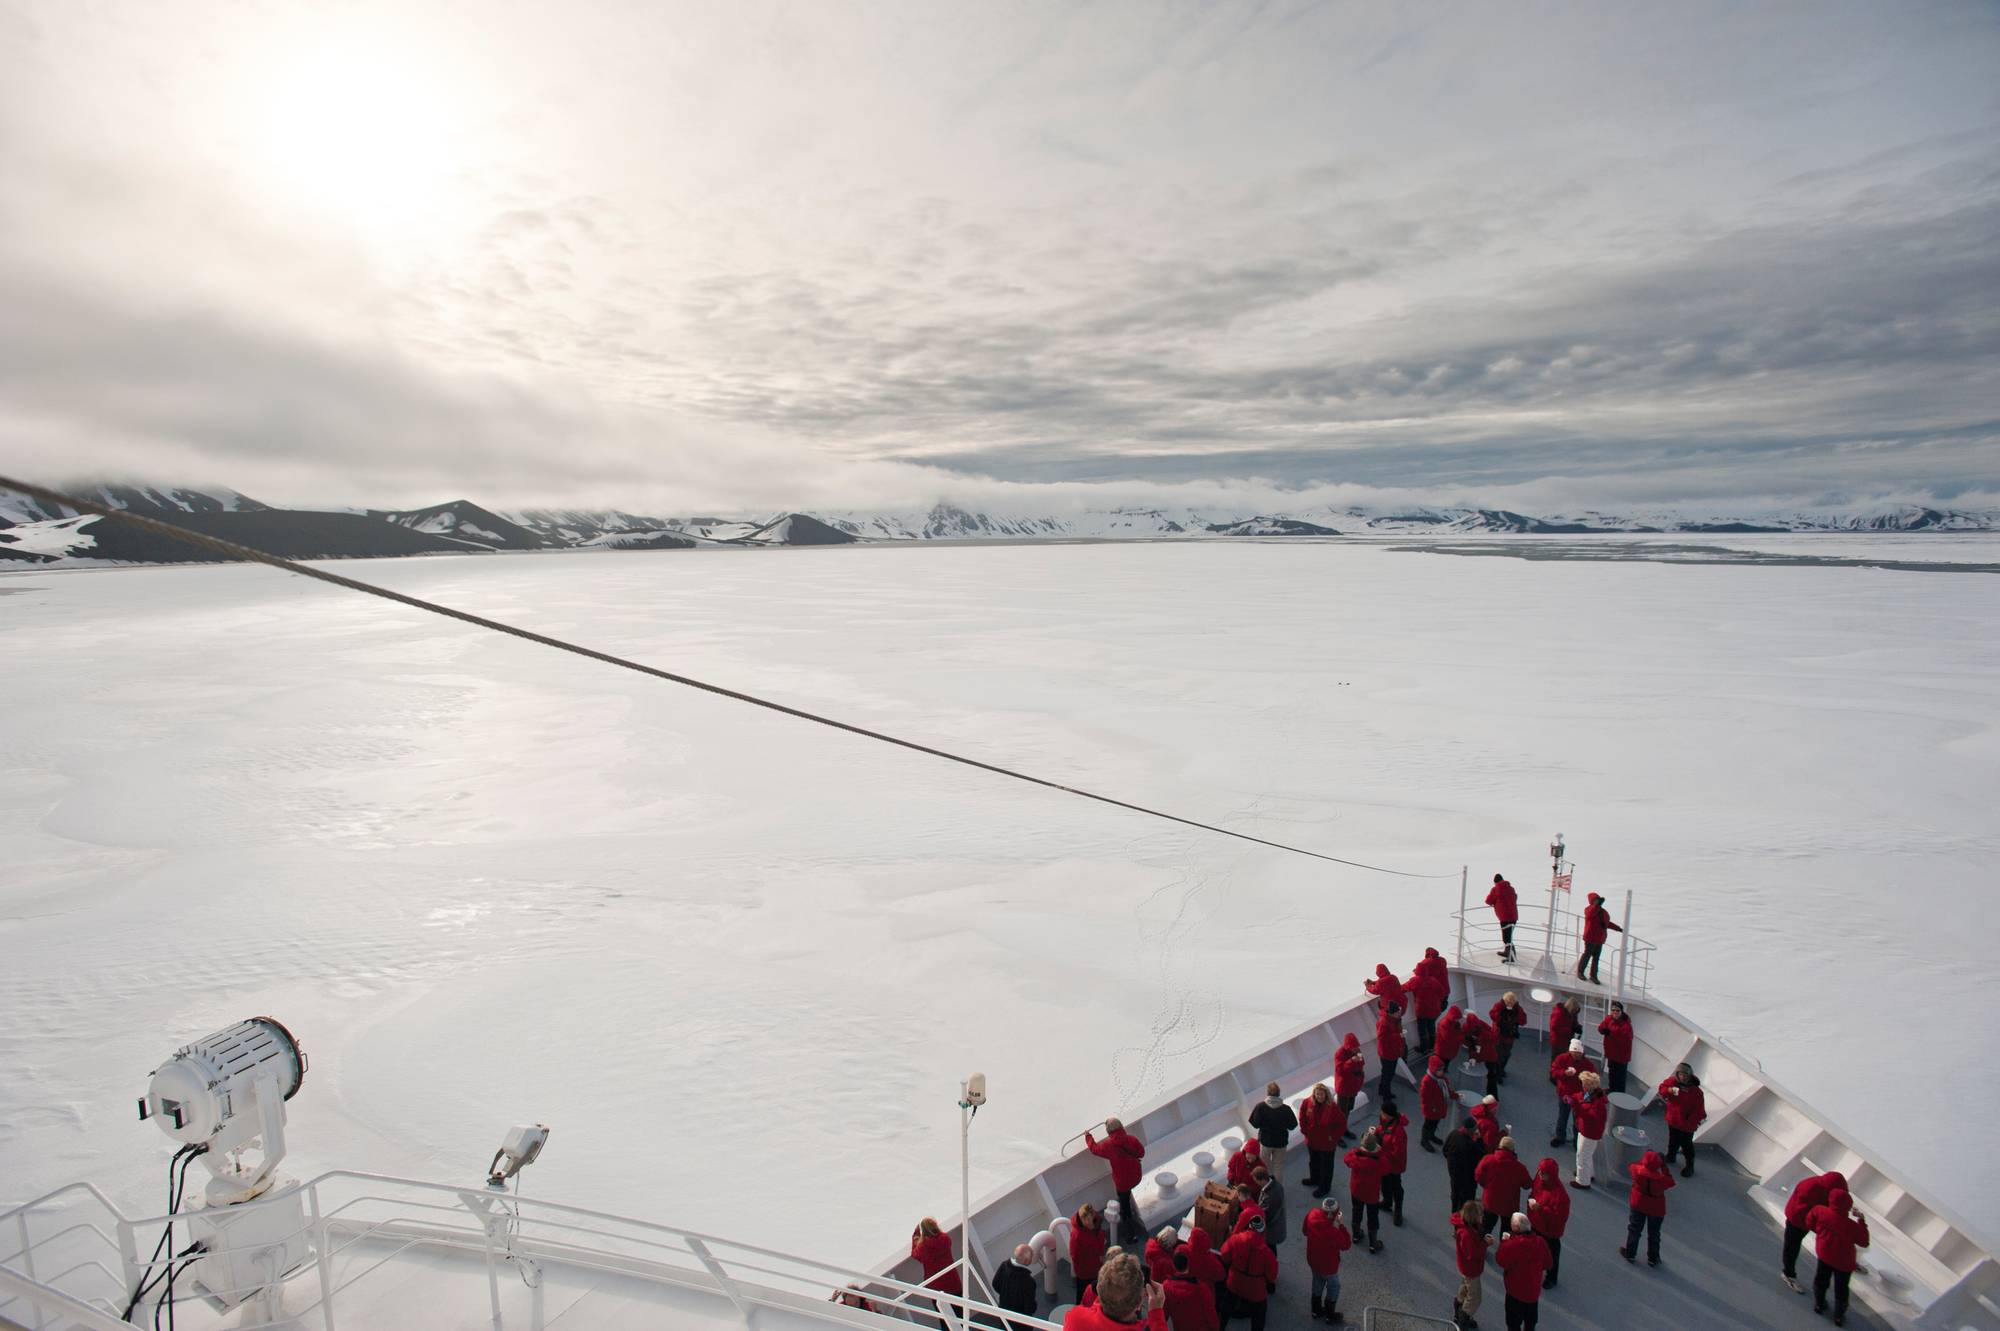 Antarktis 2011: Deception Island. MS Bremen im Eis.